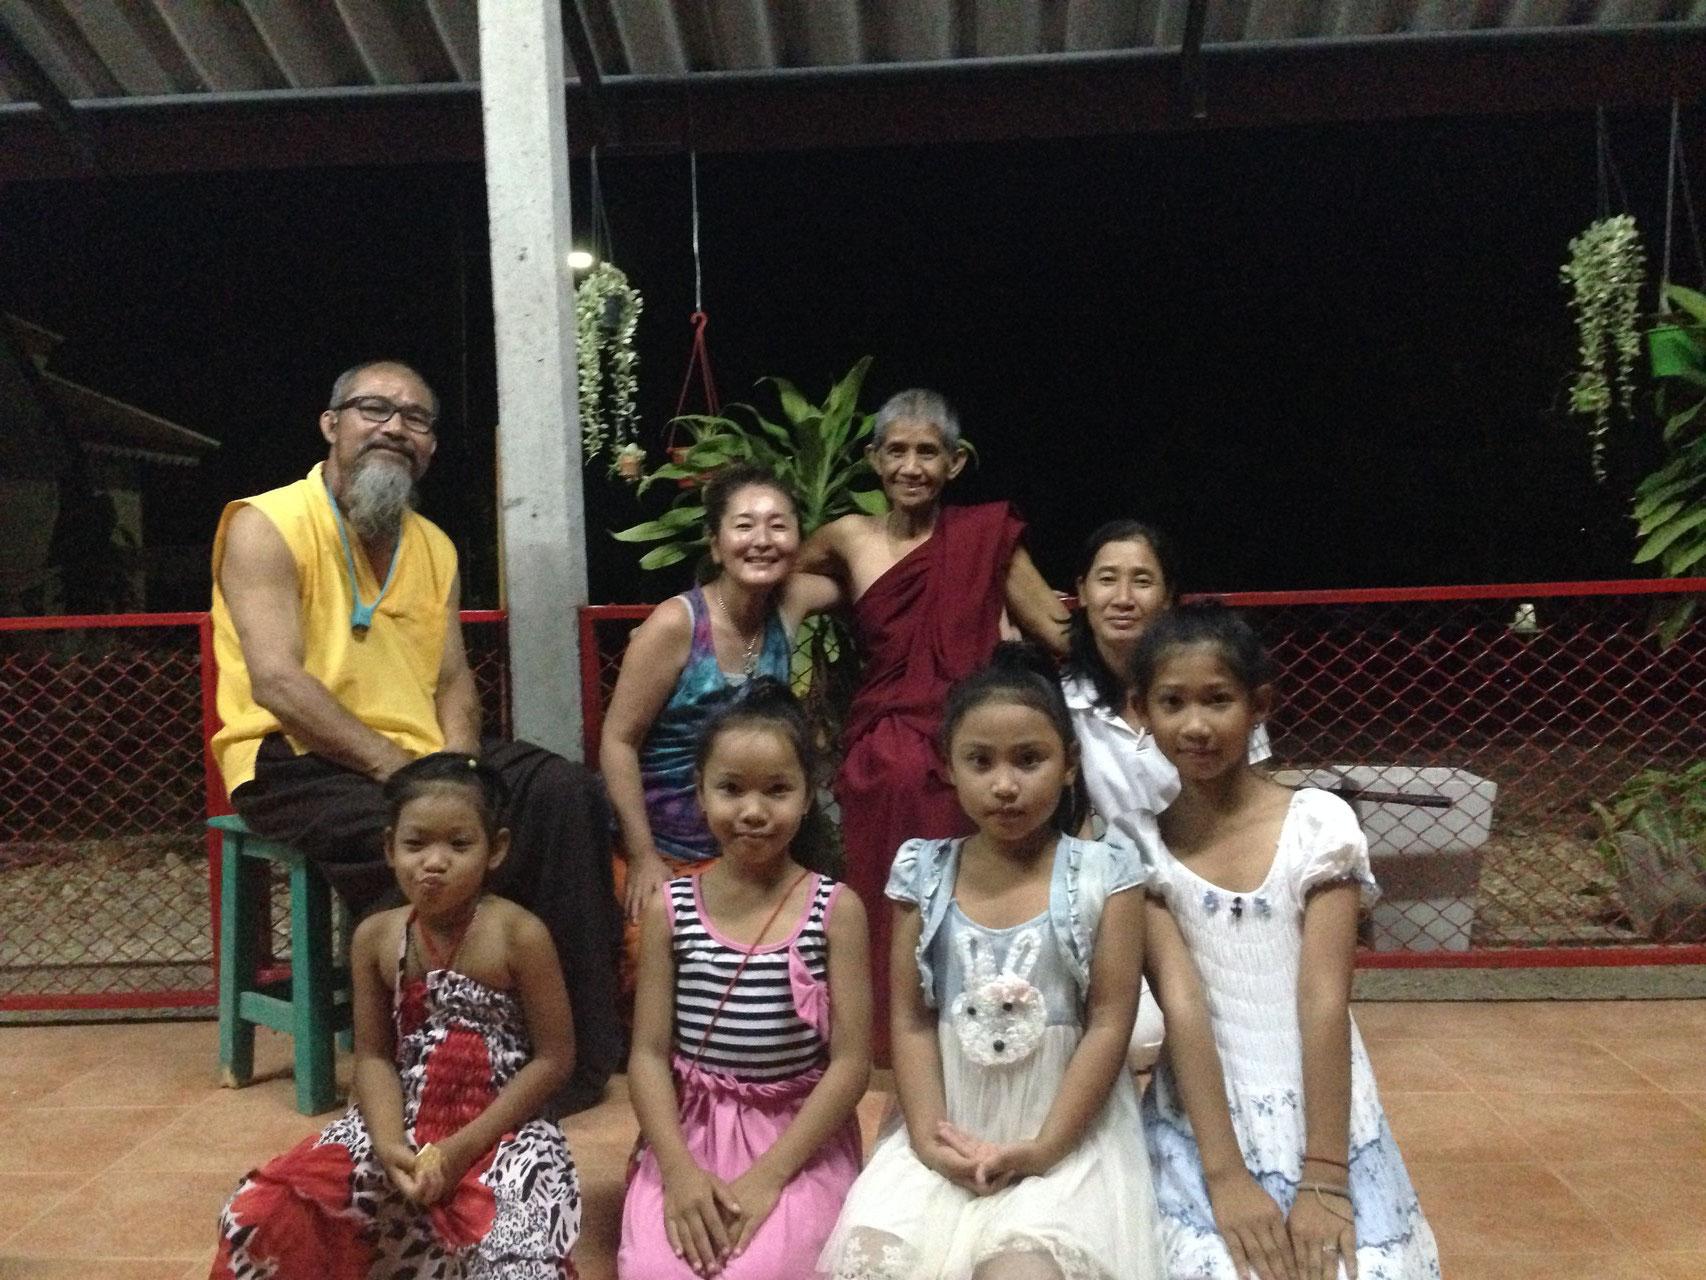 夜は子ども達も歓迎の民族の踊りを披露してくれ感激!!